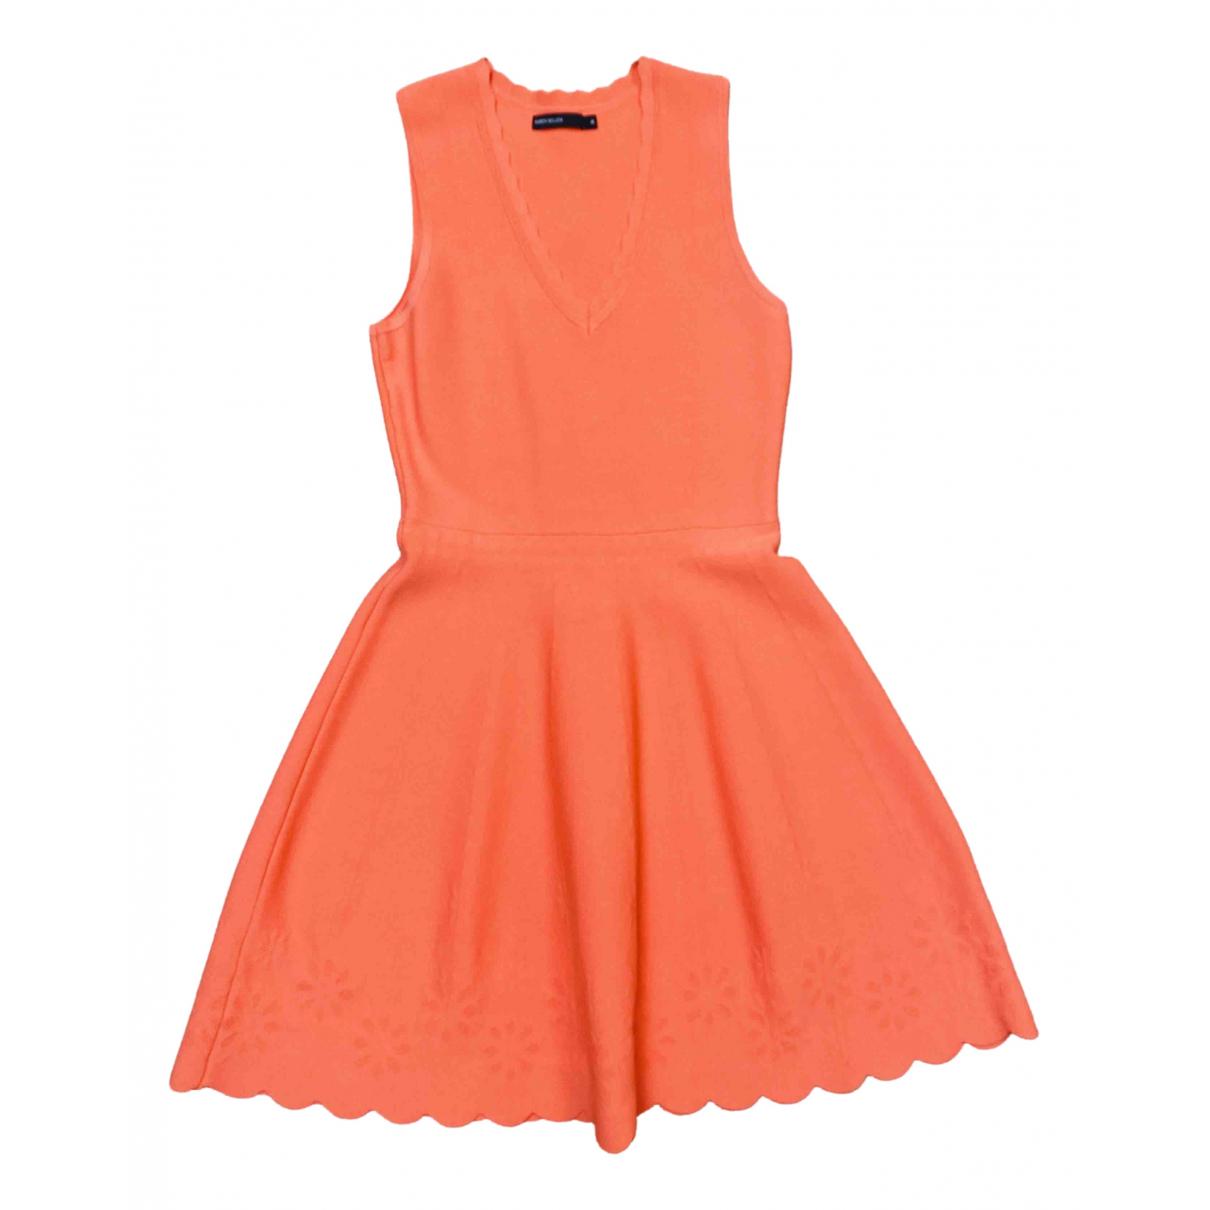 Karen Millen - Robe   pour femme - orange